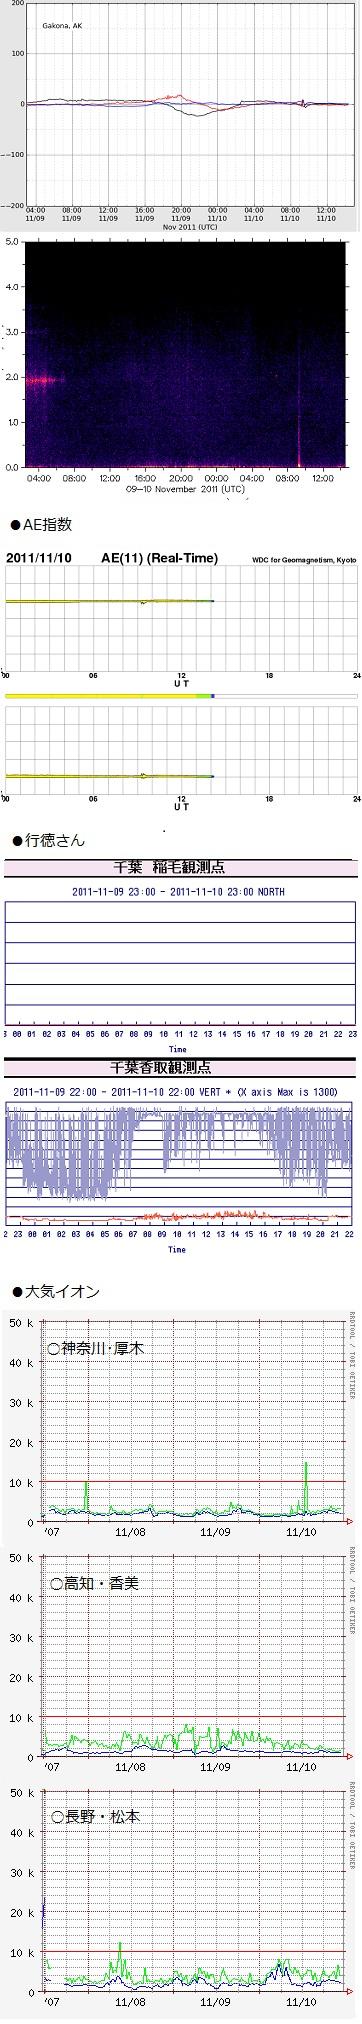 1111-1 データ